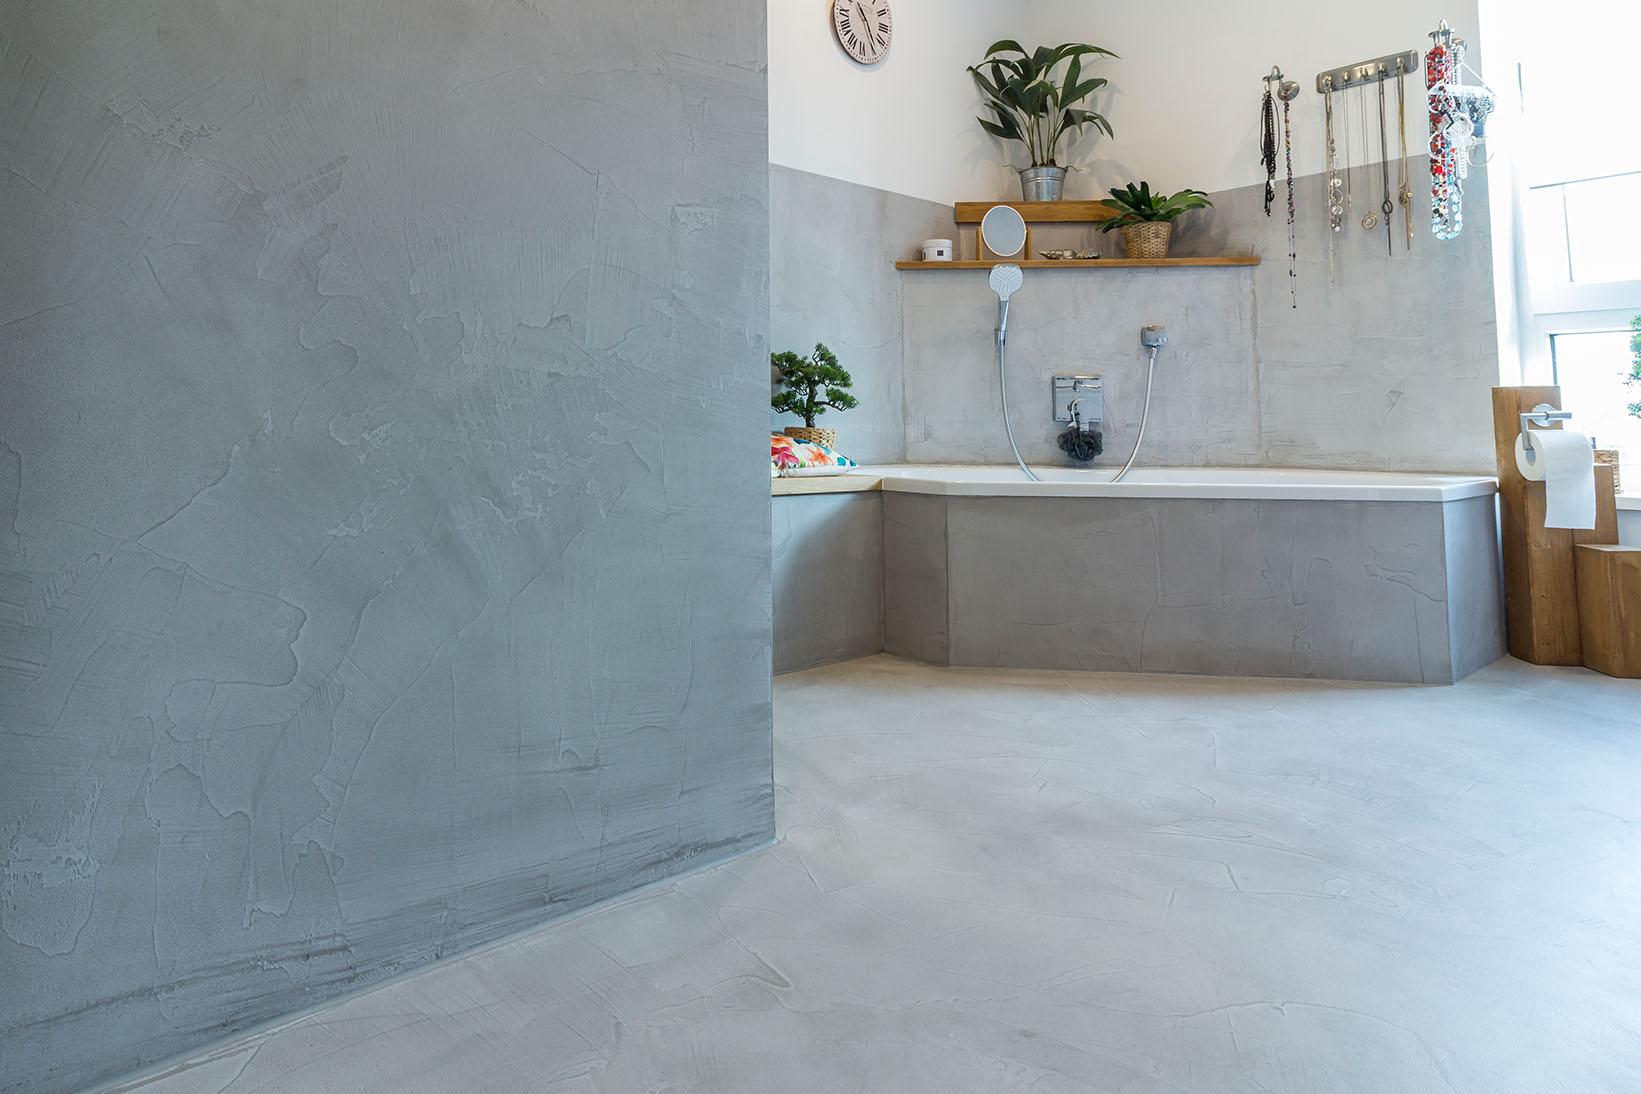 Betonboden gespachtelt fugenlos Wand grau Küche Bad Badezimmer Außenküche Grill Tisch Möbel mainTisch mainBeton mainGrill 3